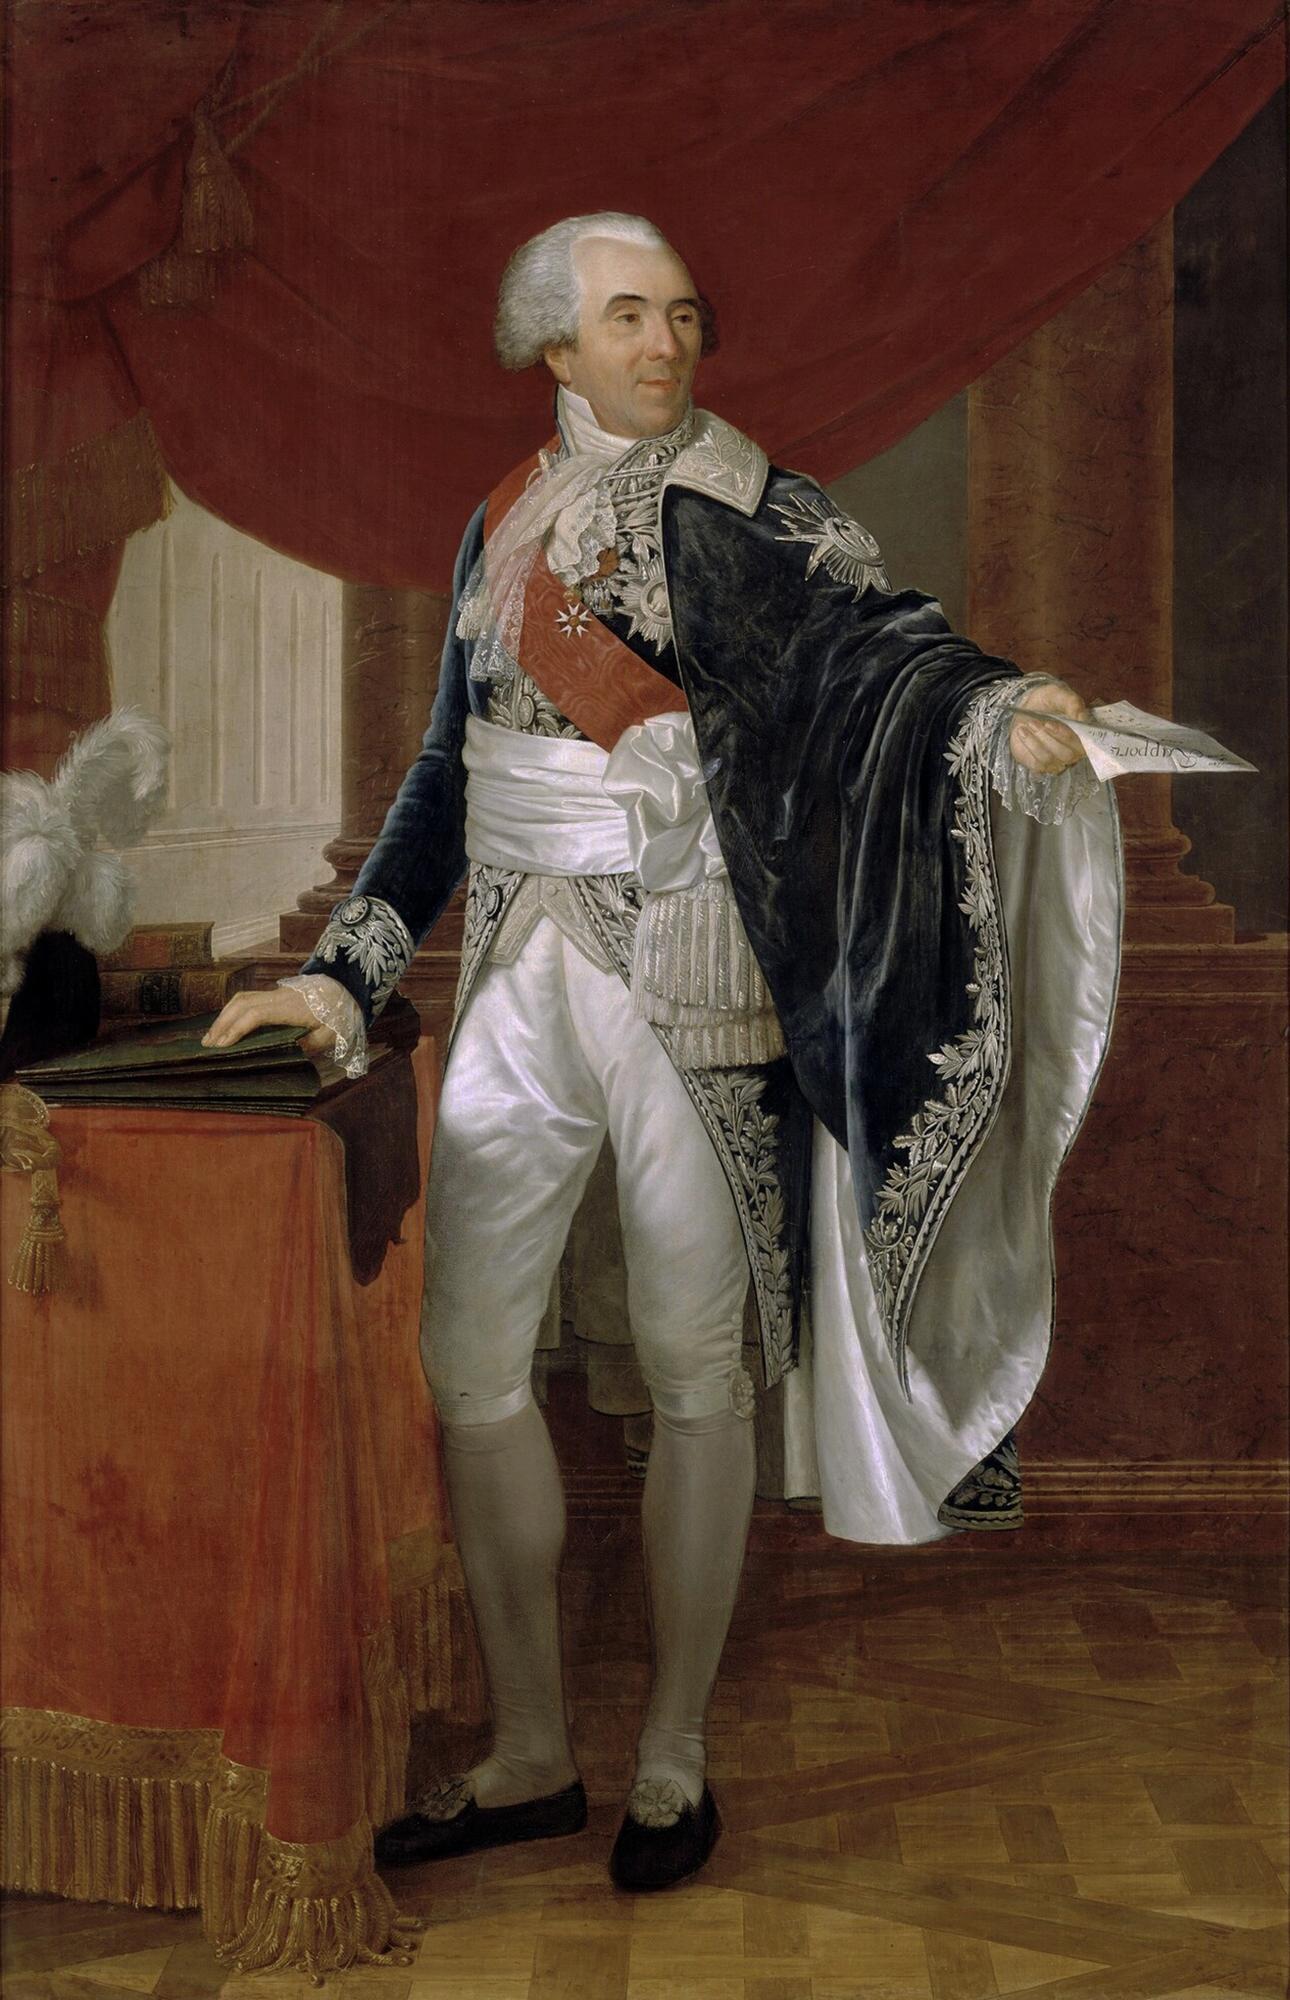 Jean-Gérard Lacuée, count of Cessac